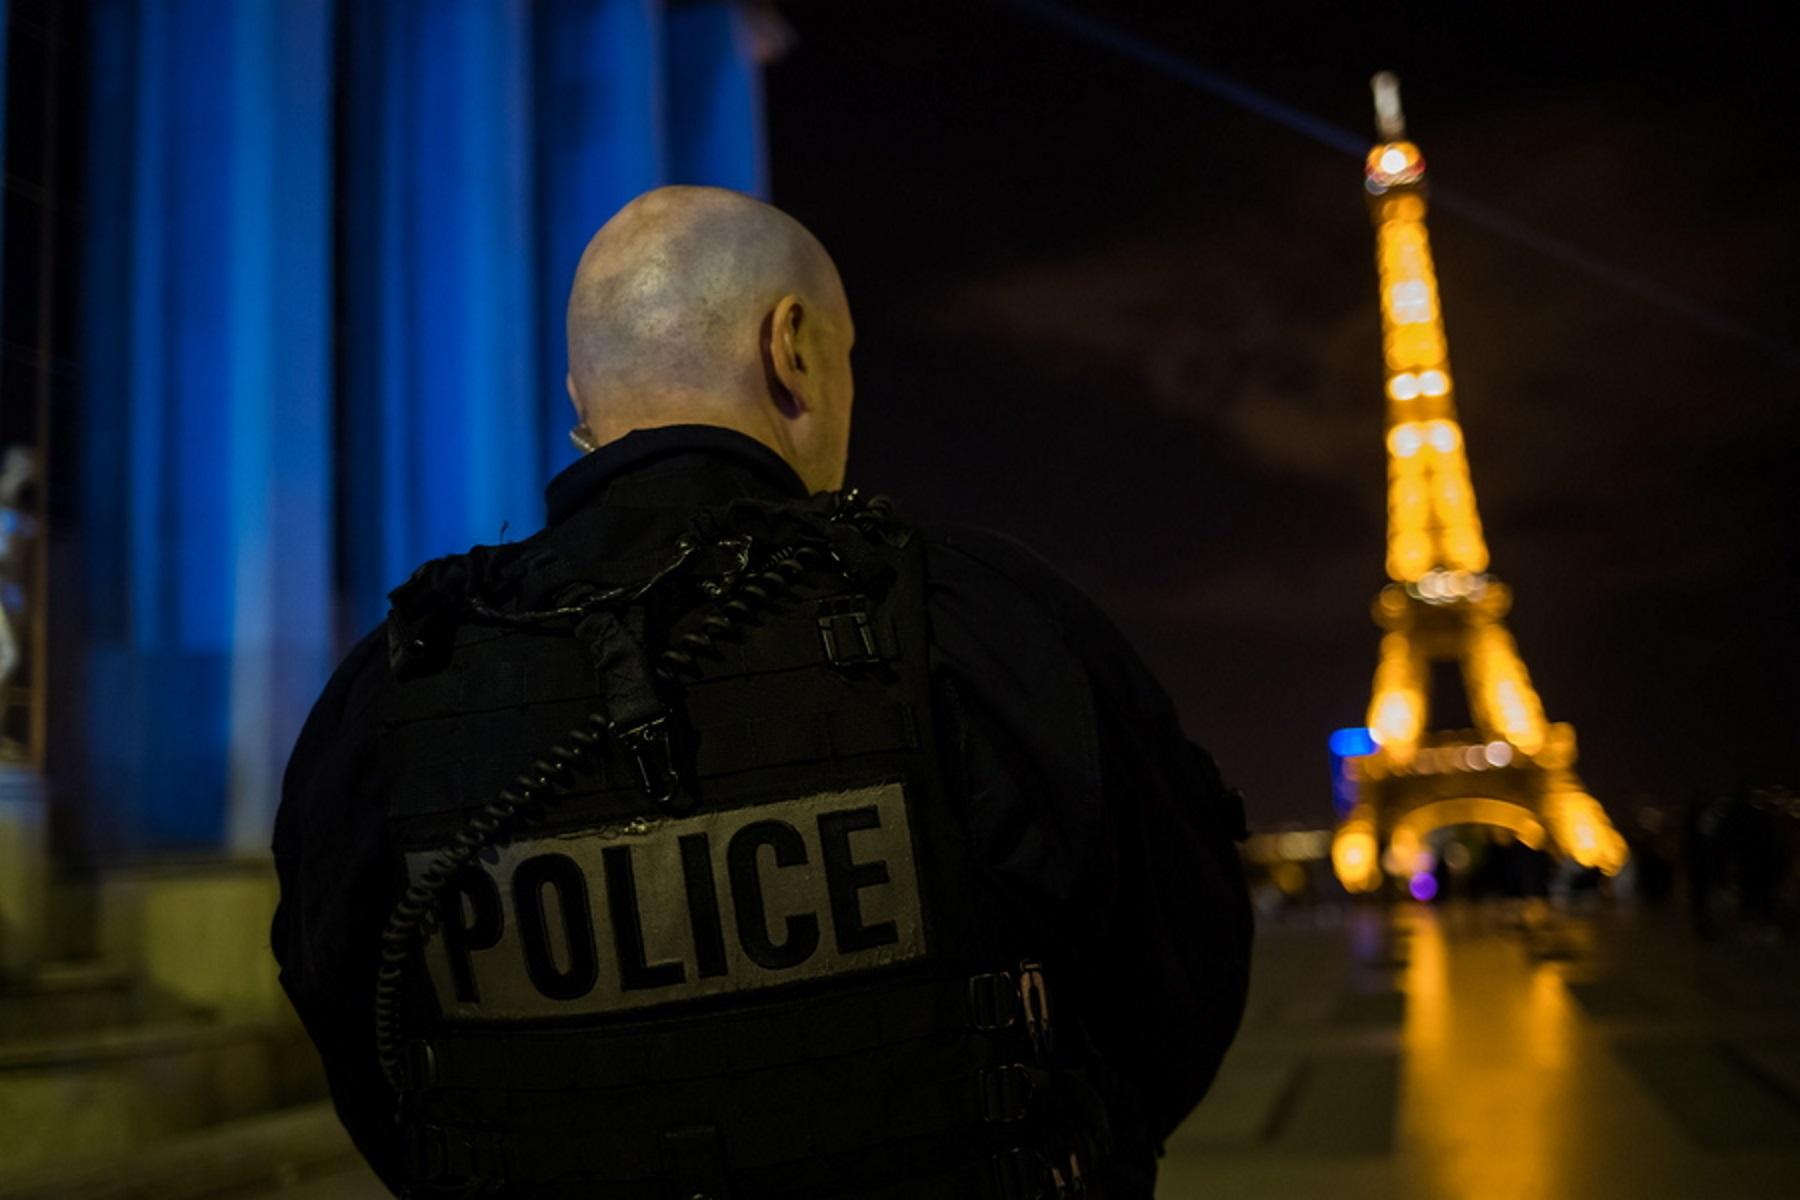 """""""Πάγωσε"""" το Παρίσι με τον αποκεφαλισμό καθηγητή ιστορίας – Είχε δείξει σκίτσα του Μωάμεθ σε μαθητές"""